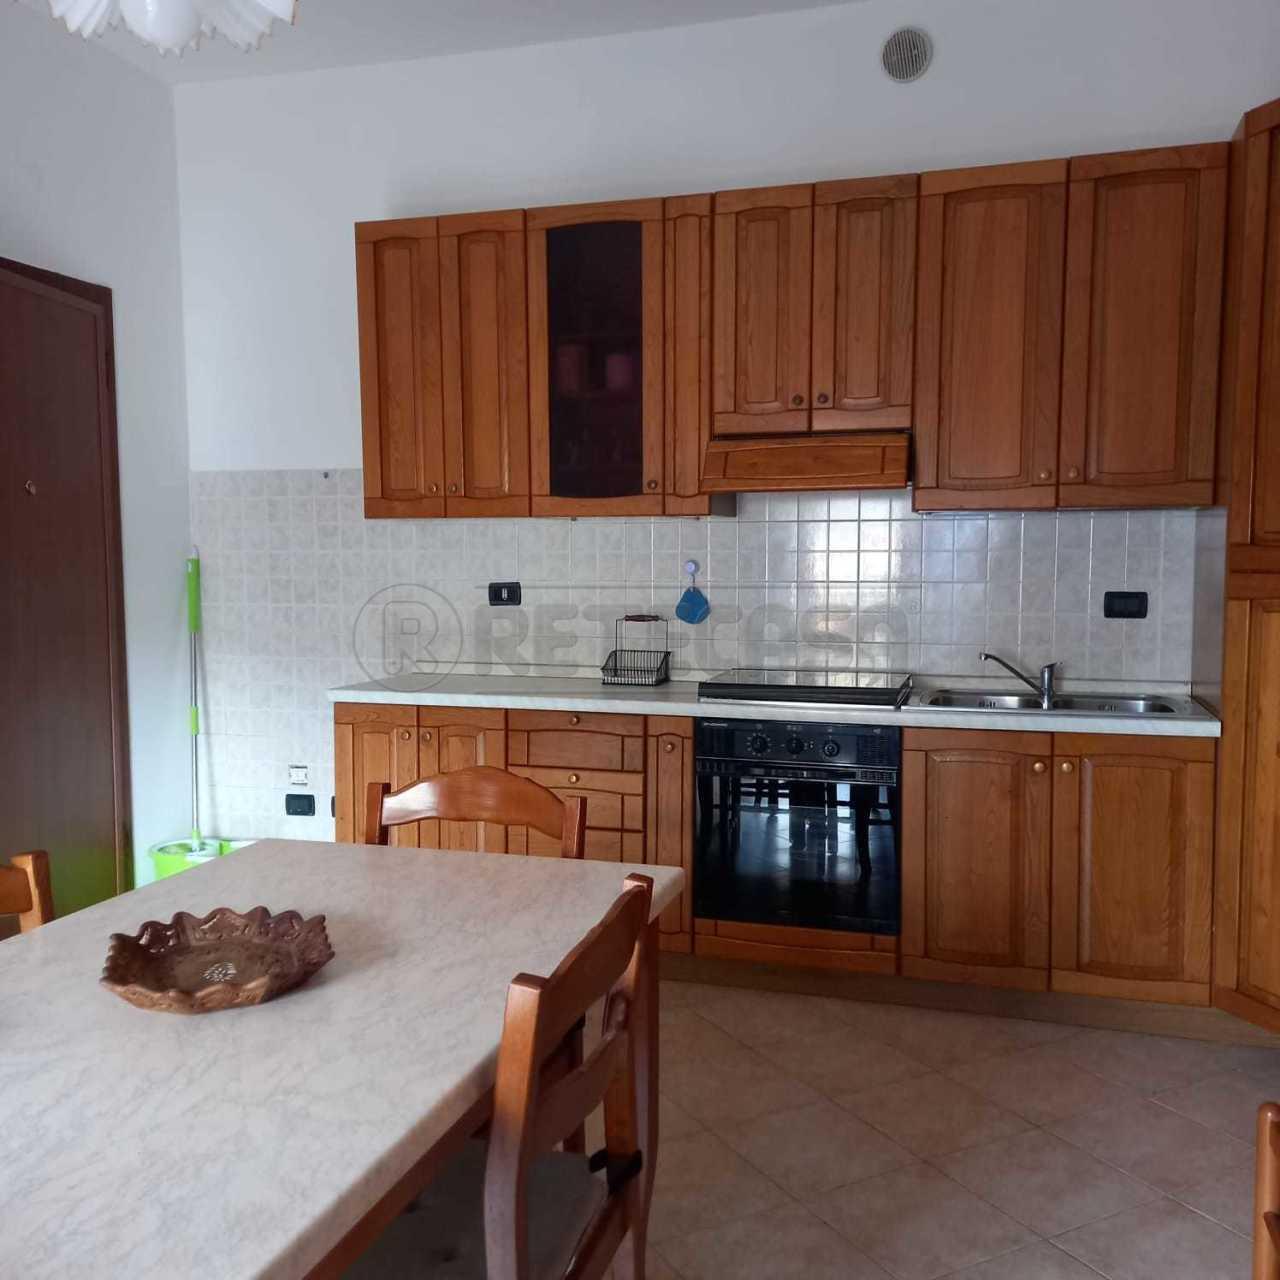 Appartamento in affitto a San Bonifacio, 2 locali, prezzo € 420 | CambioCasa.it